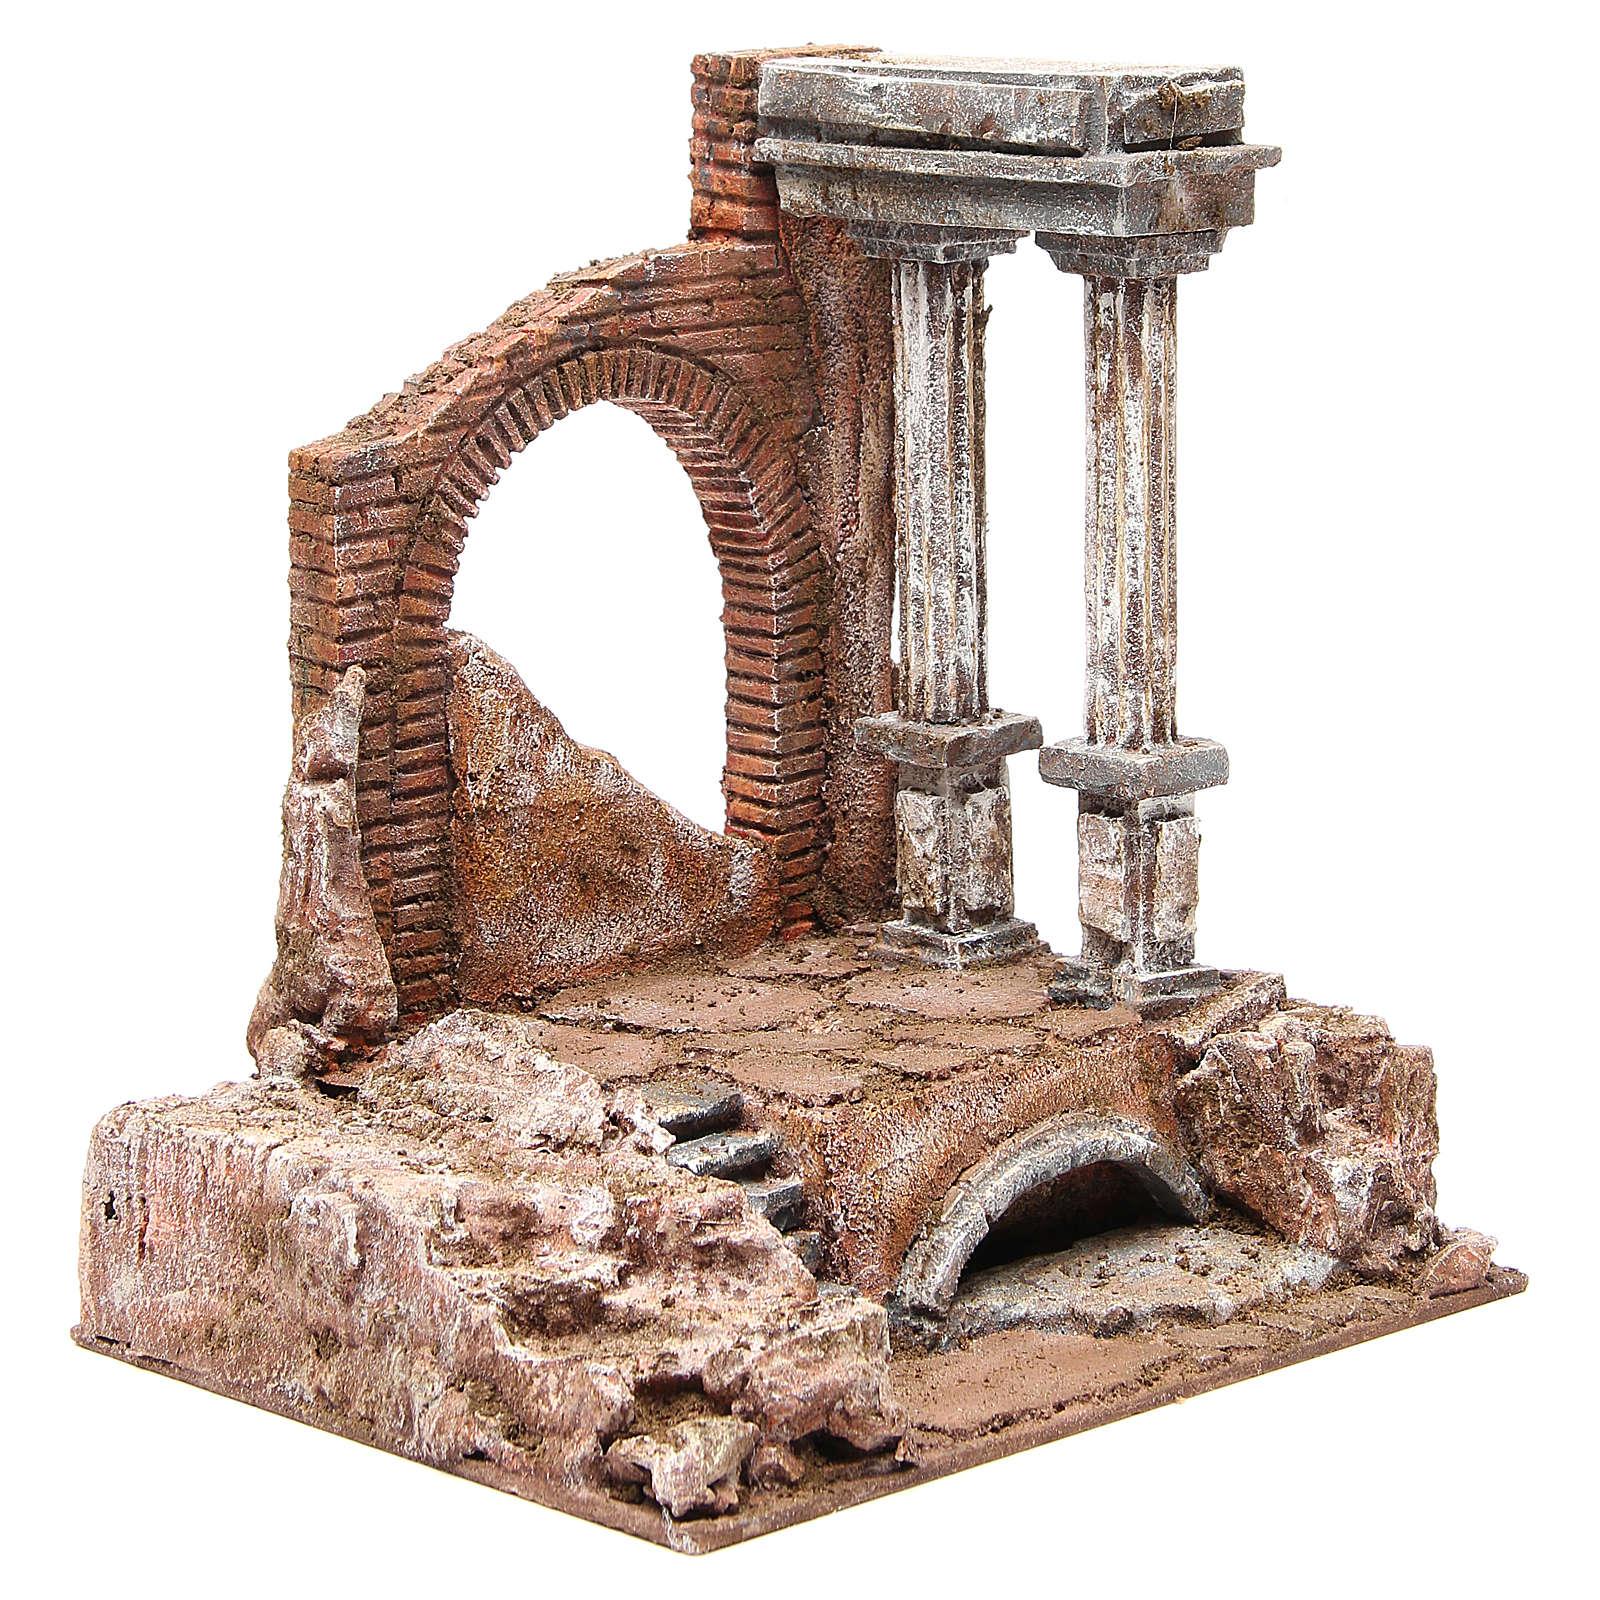 Muro romano antiguo 2 columnas ambientación belén 32x29x22 cm 4